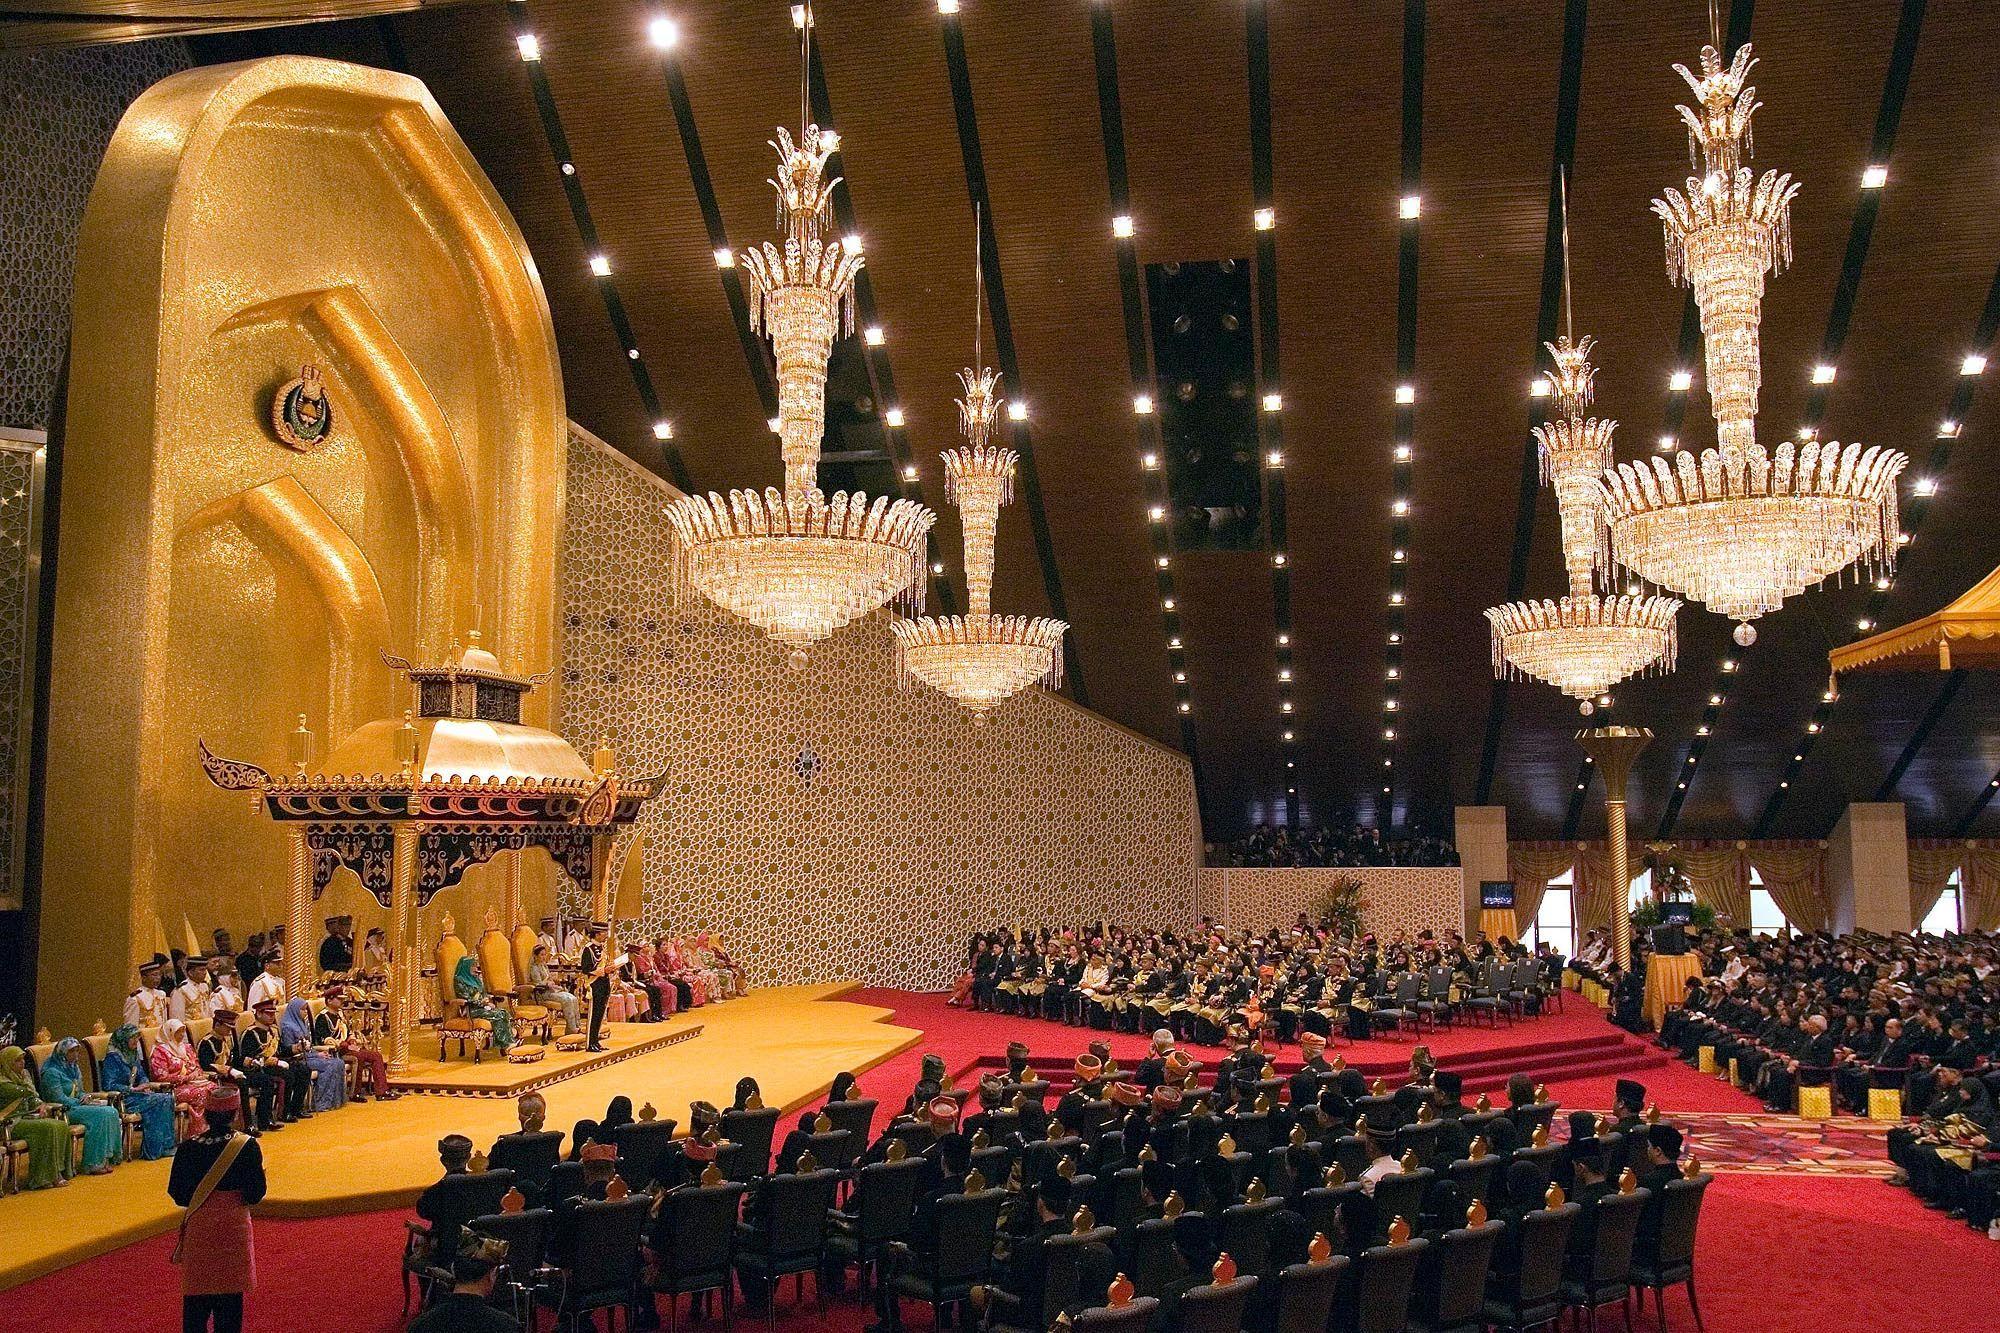 бруней, тронна зала палацу султана